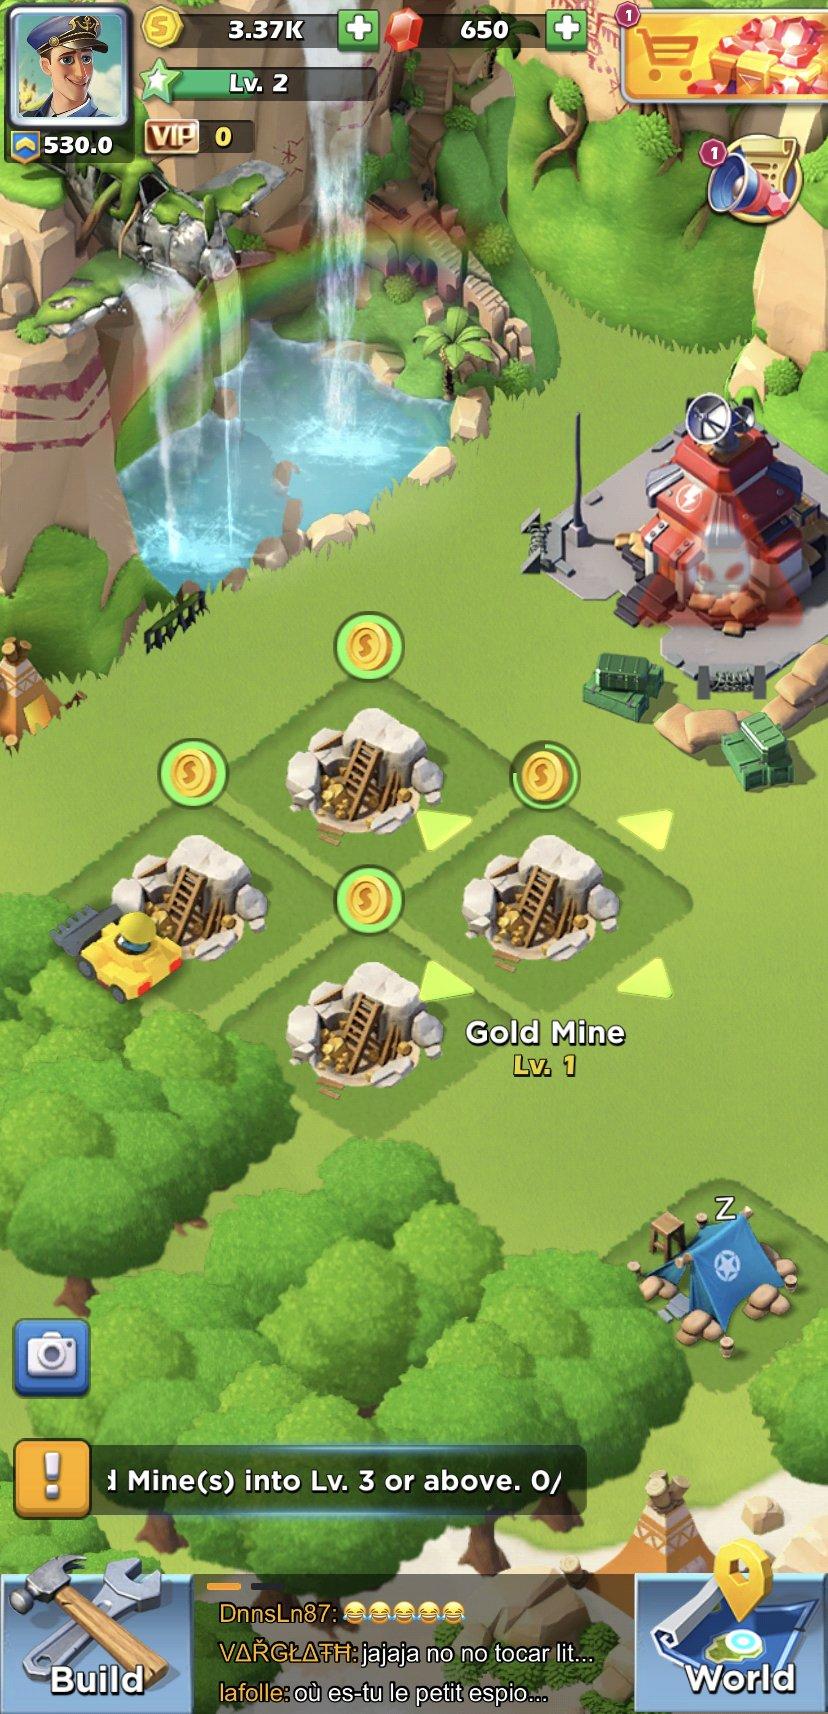 Game Apa Yang Paling Burik : paling, burik, Battle, Codes, Mobile, Guides